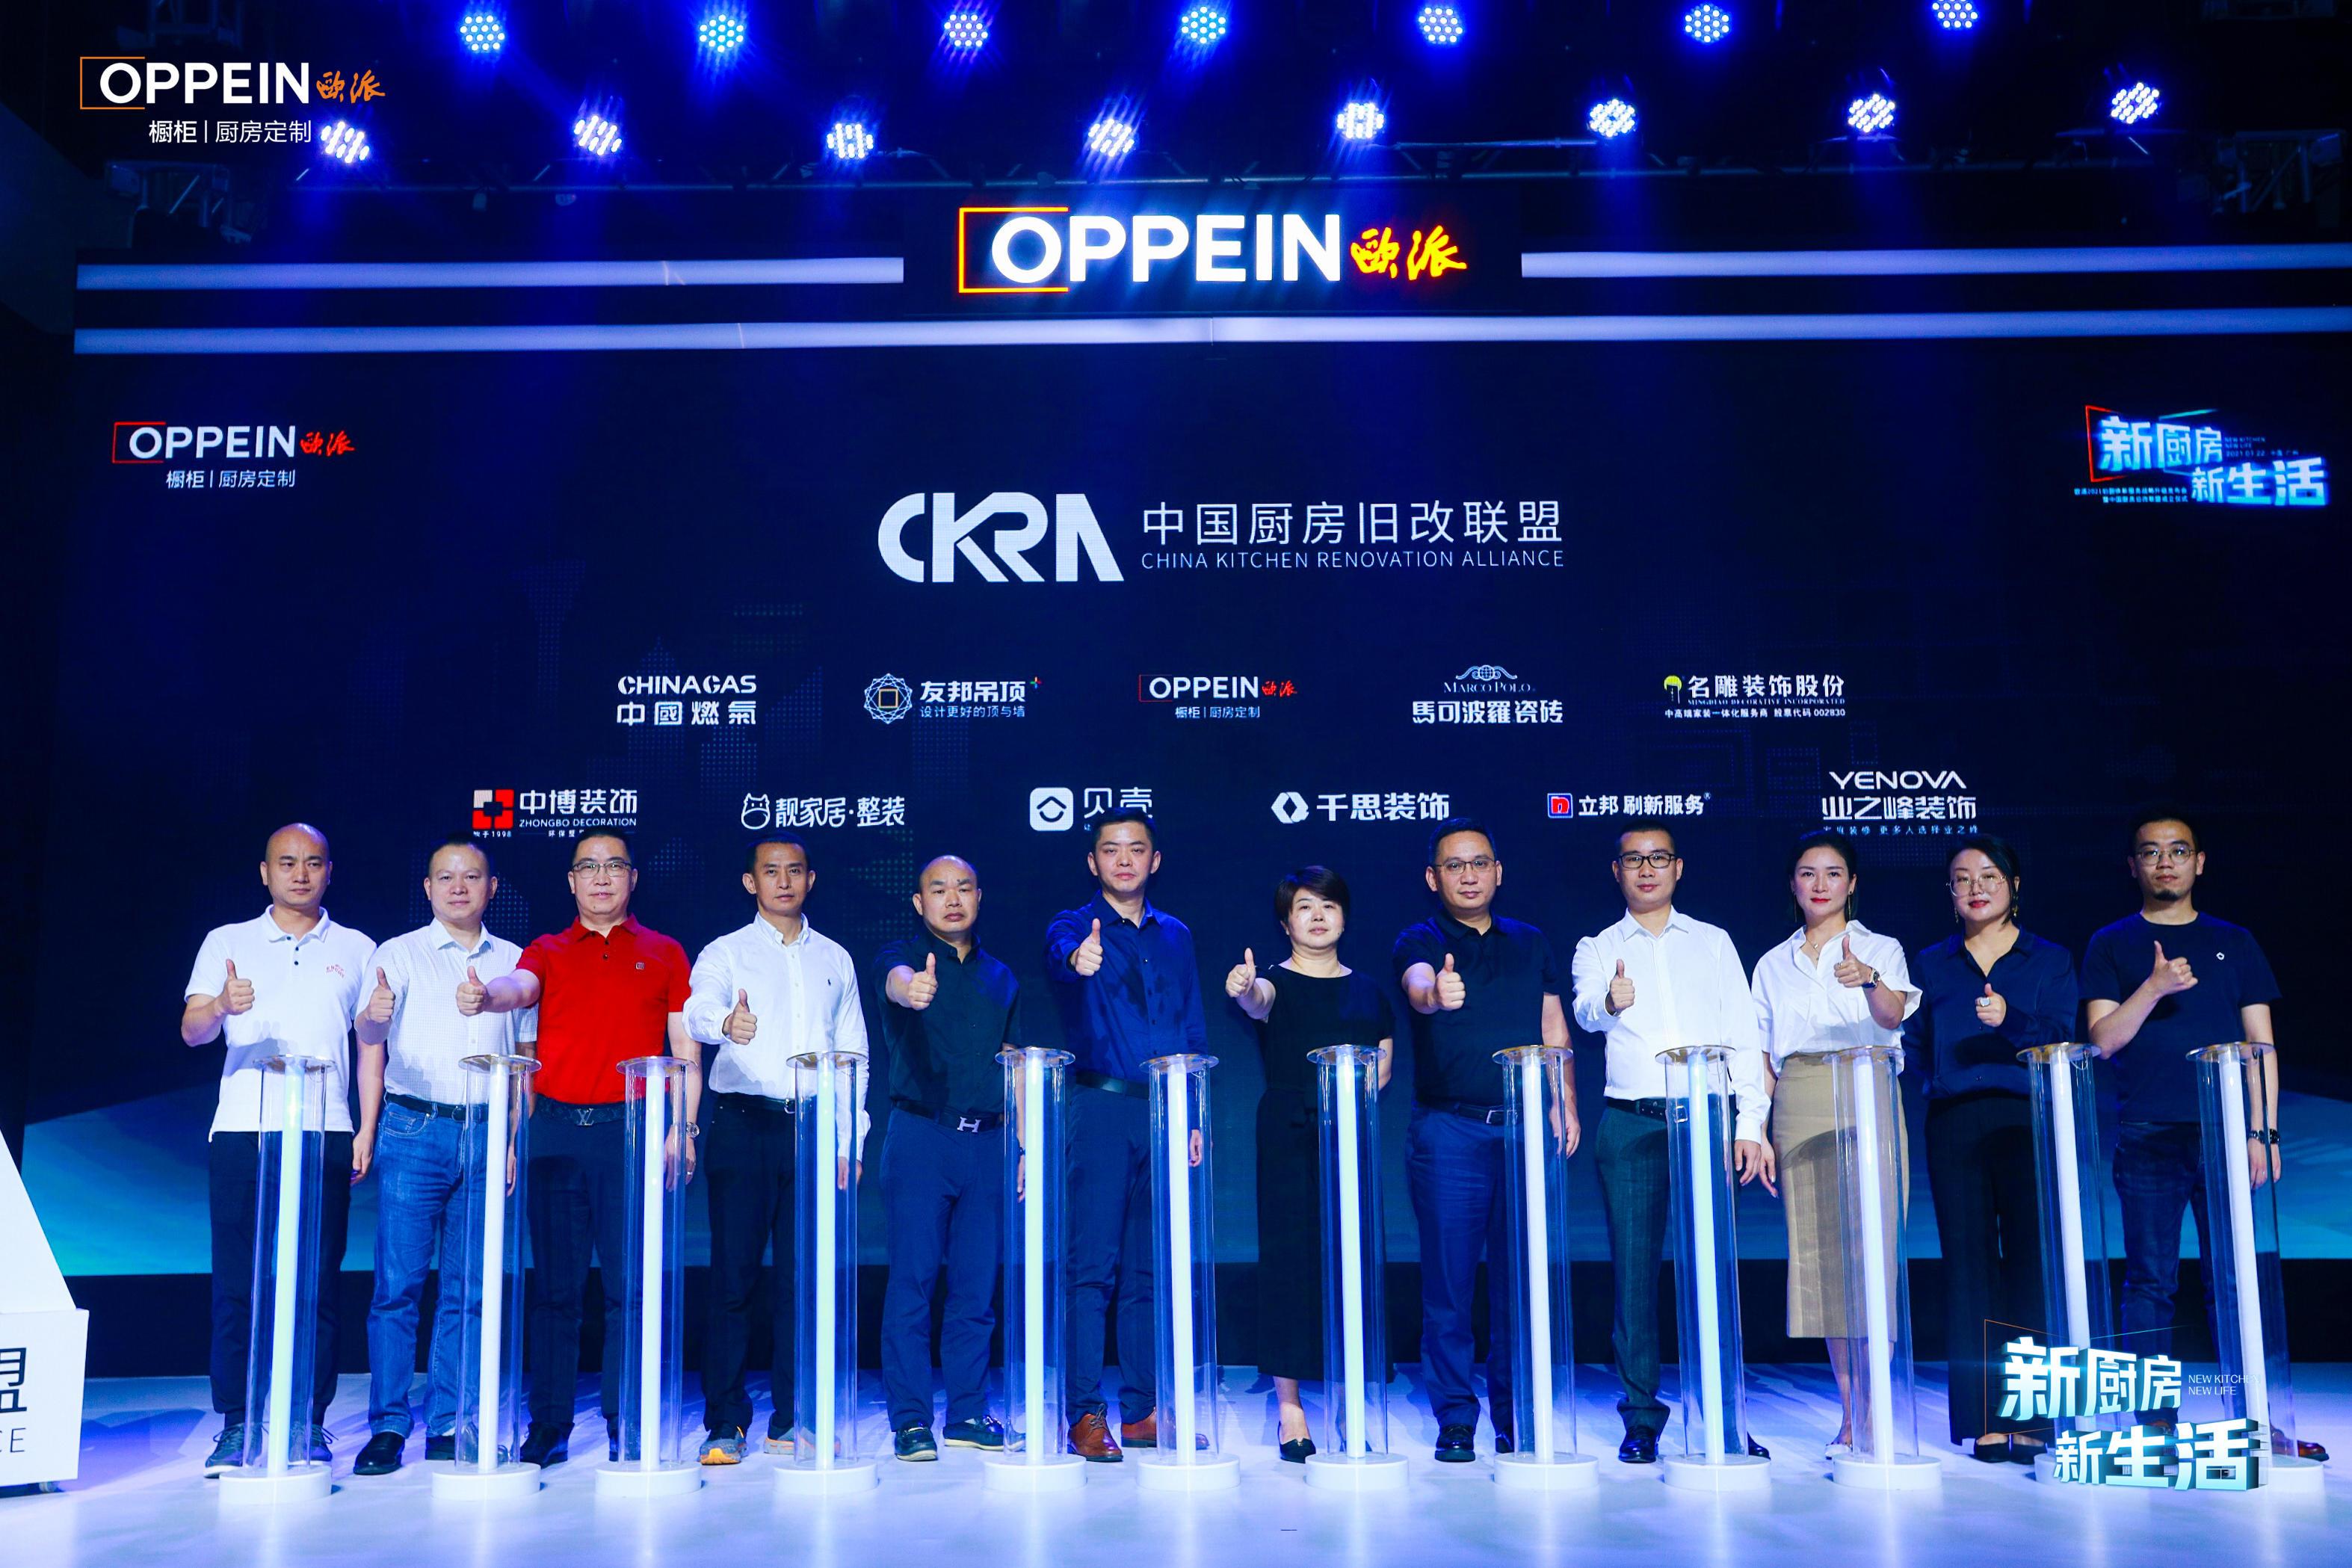 欧派2021旧厨焕新战略全新升级!成立中国厨房旧改联盟发起厨房改造新革命